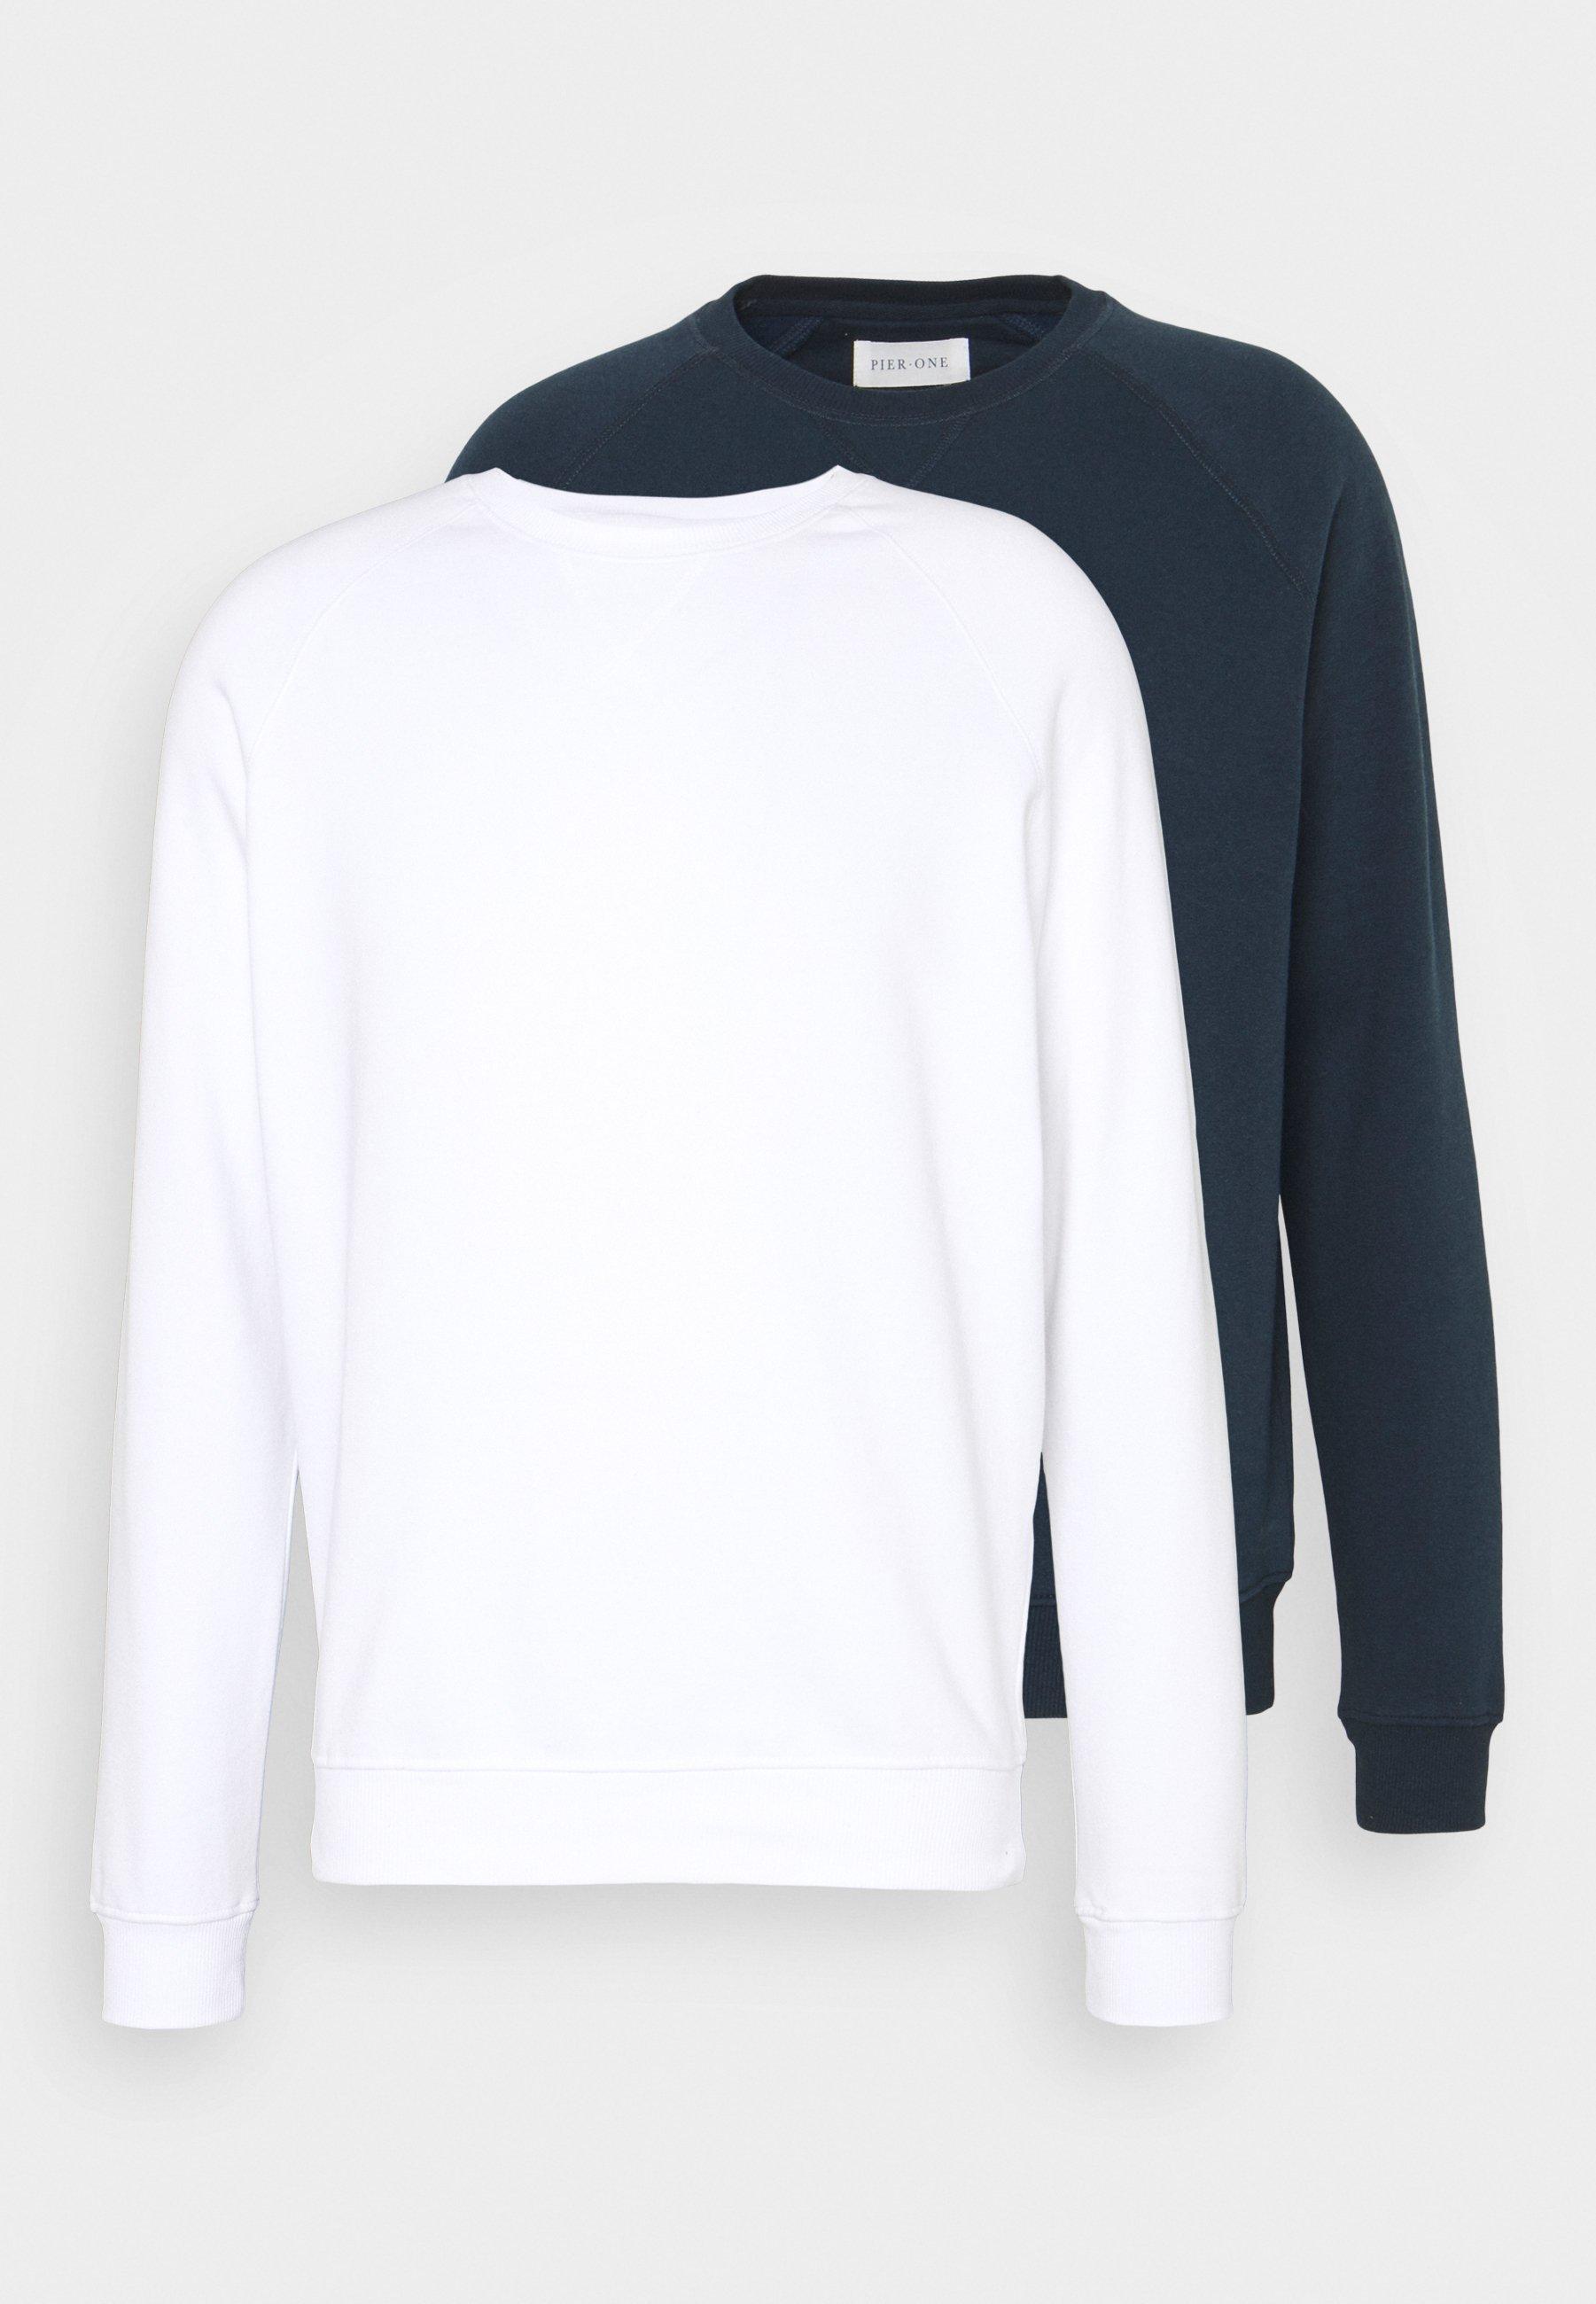 weise sweatshirt herren zalando